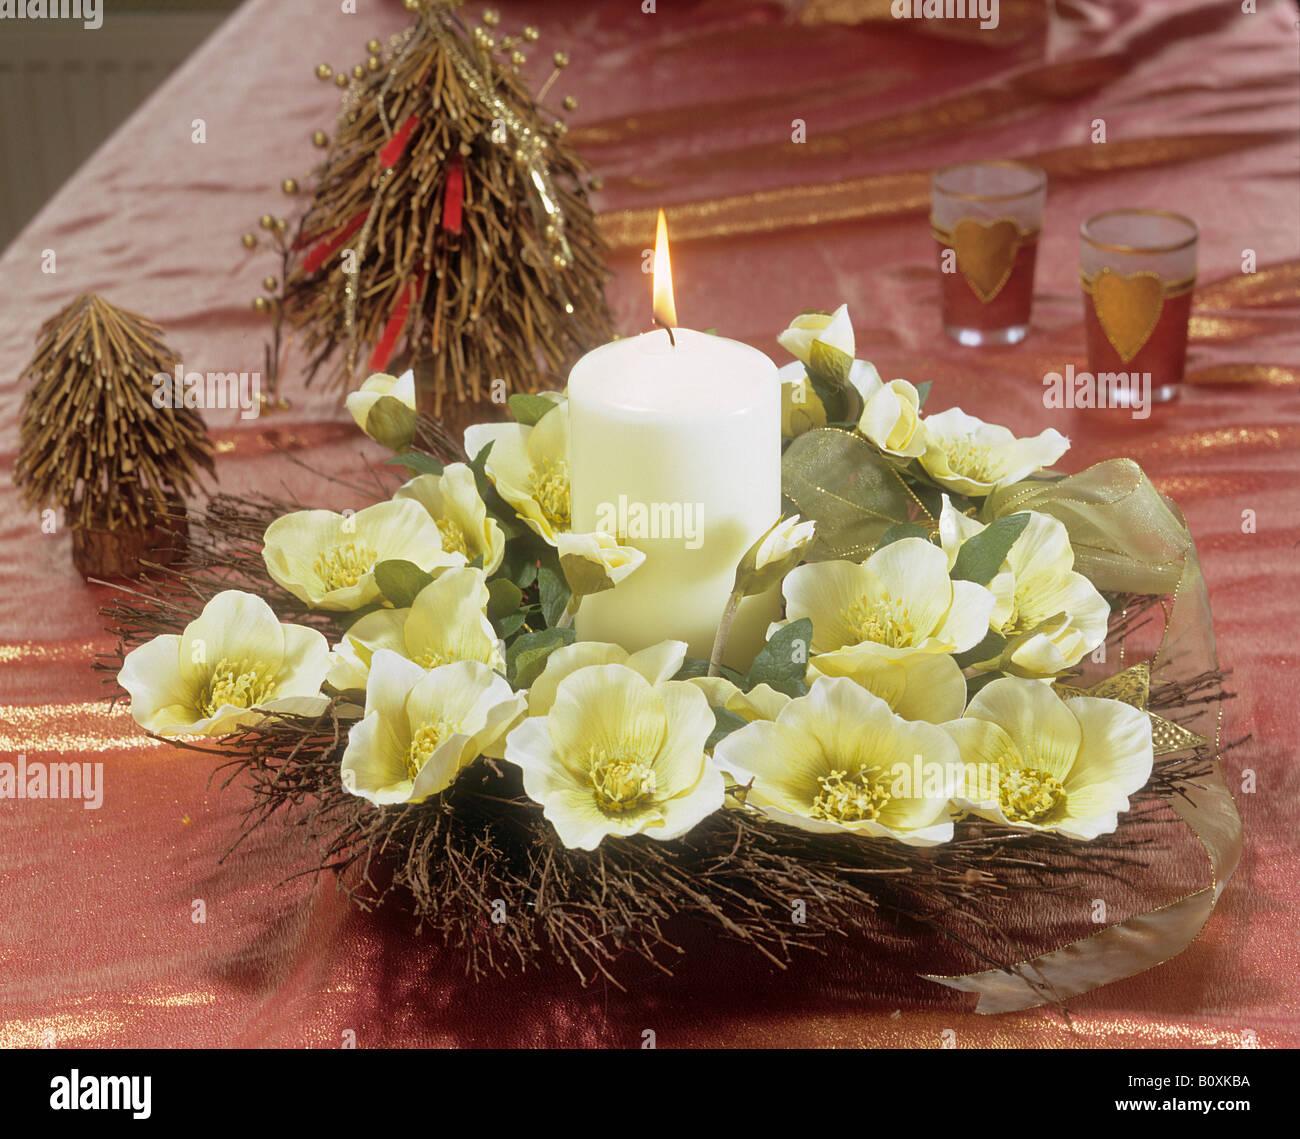 Weihnachtsarrangement mit Weihnachten Rosen Stockfoto, Bild ...